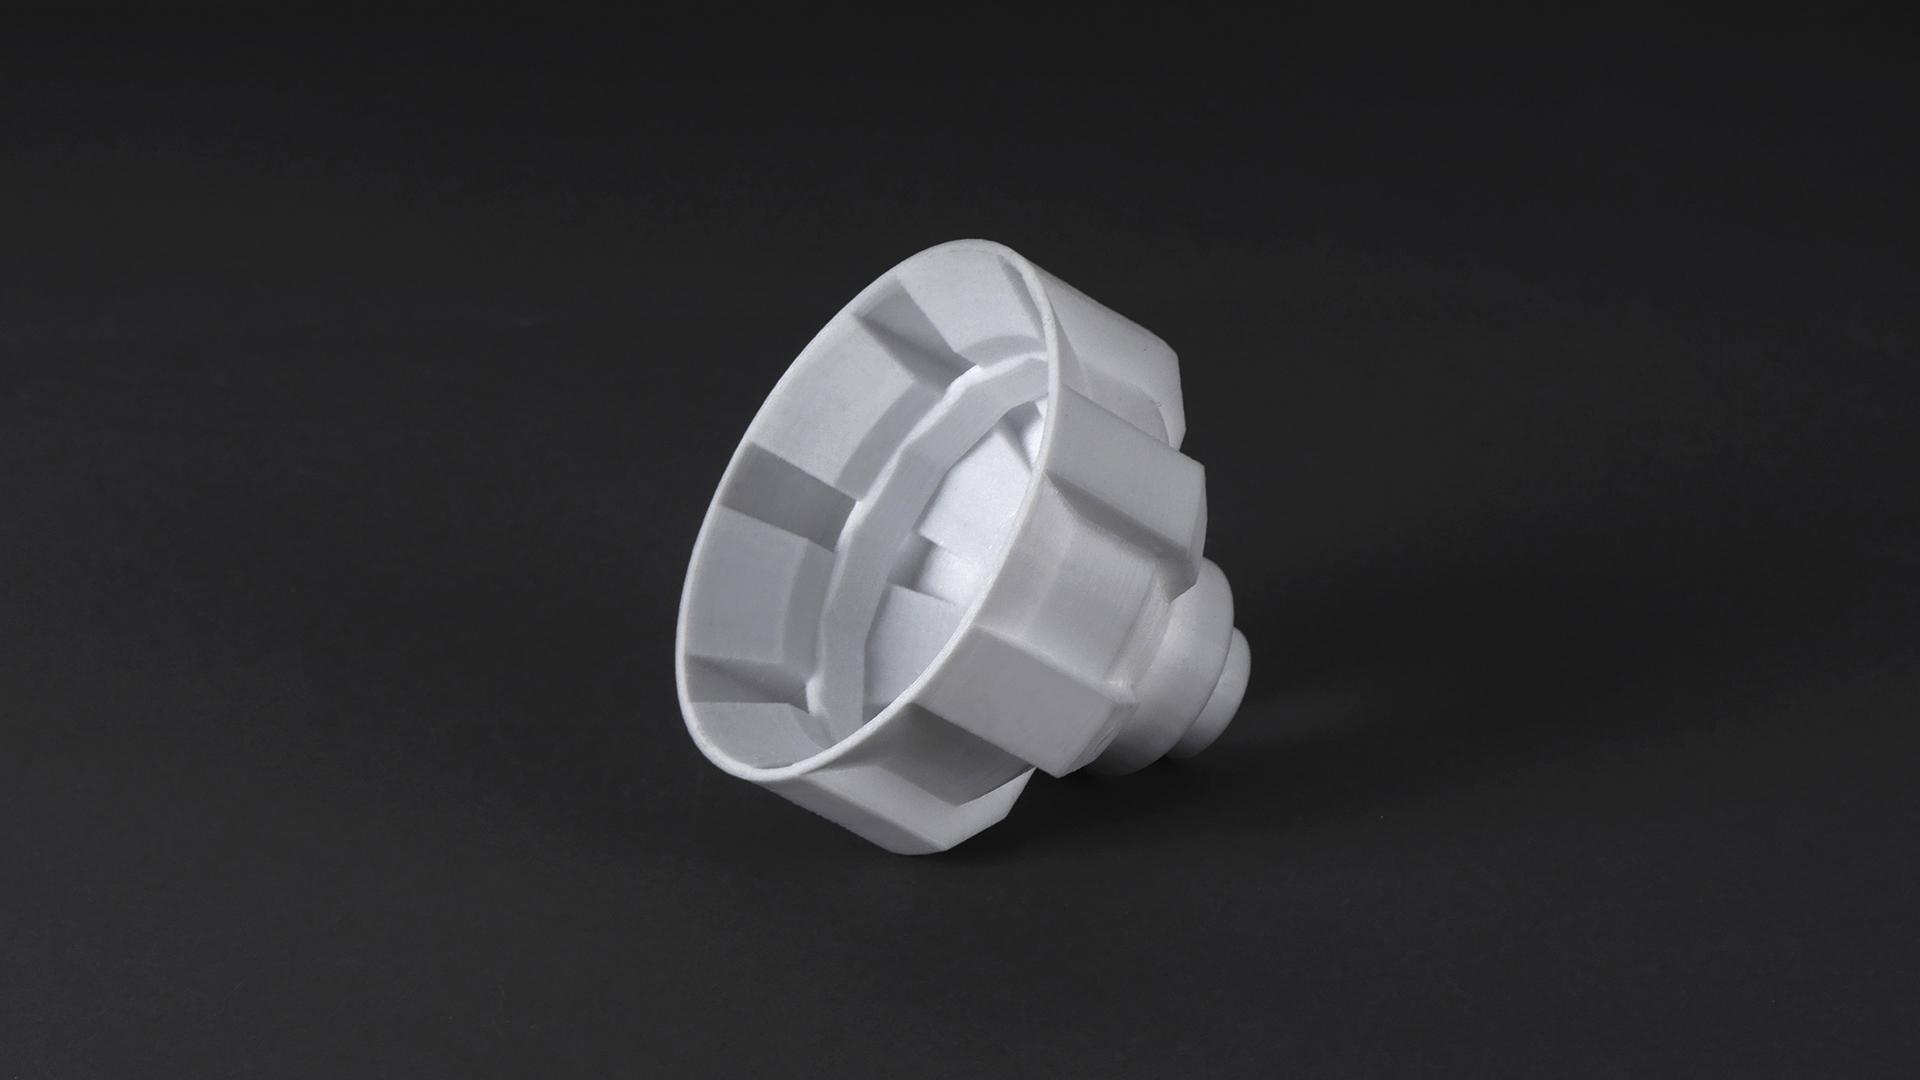 Oil filter 3D printed by Mankati E 180 3D printer & mPC-S filament - 3